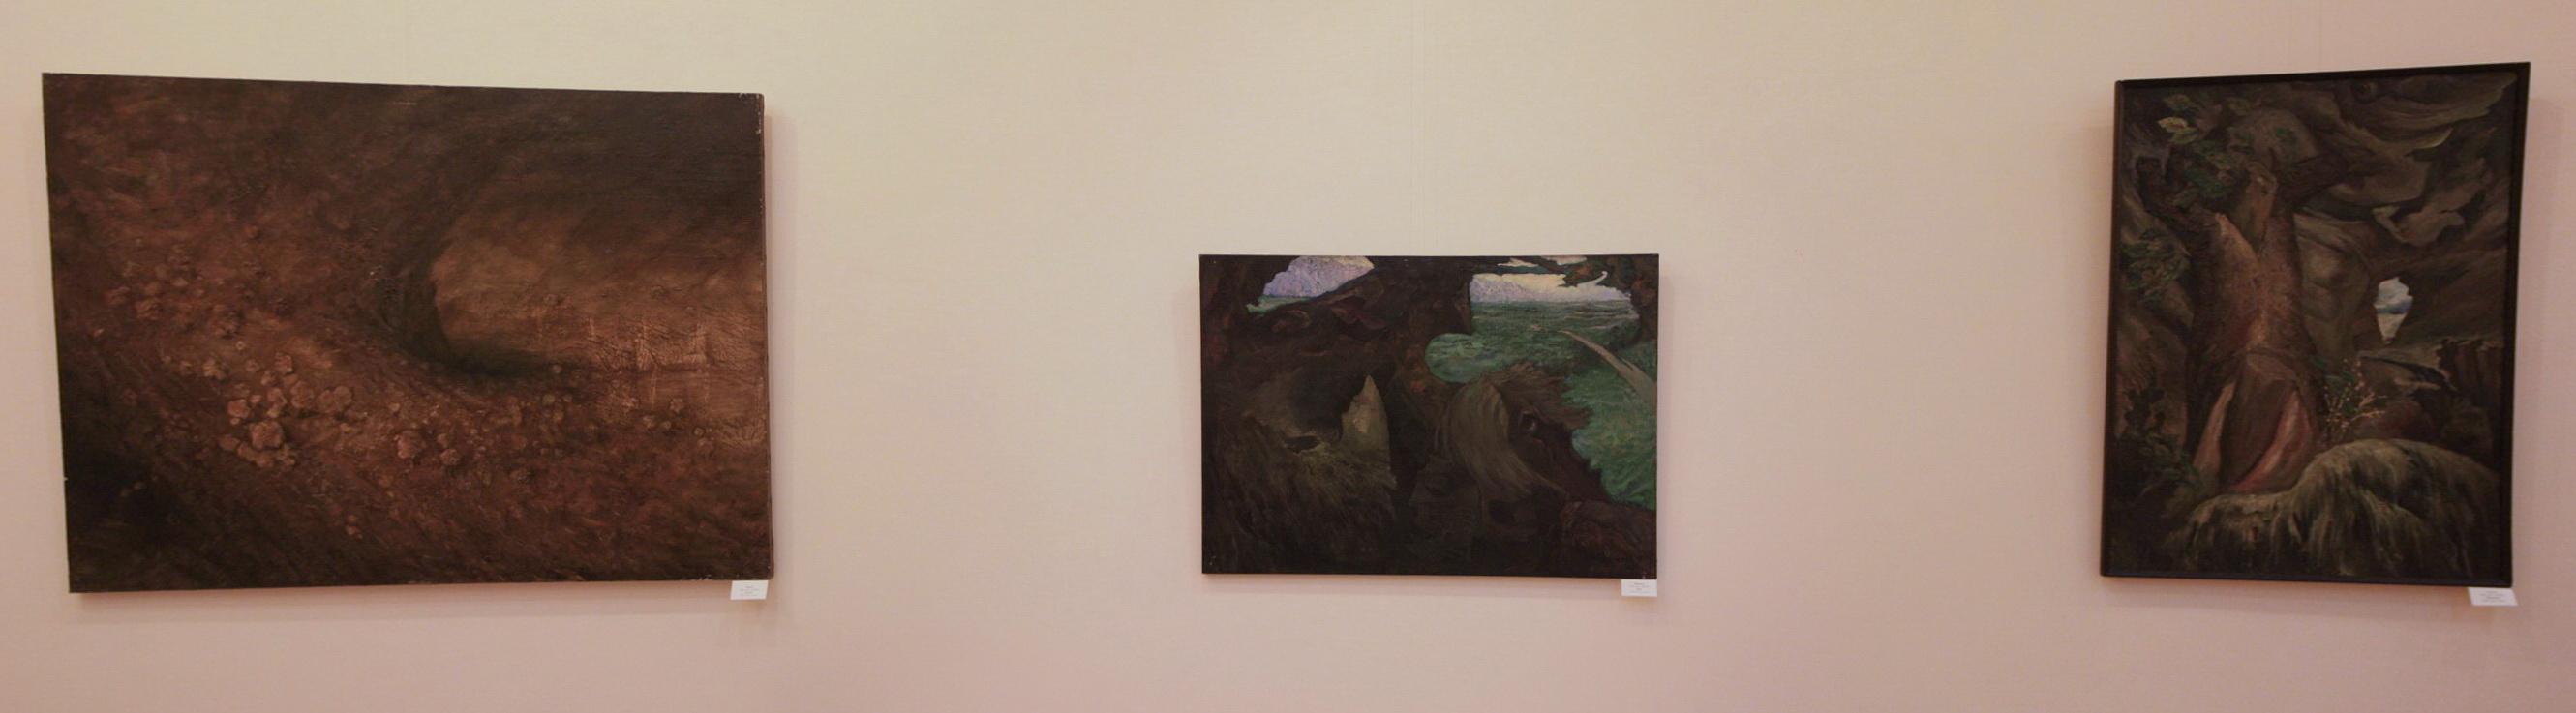 ЛИ А. Экспозиция картин